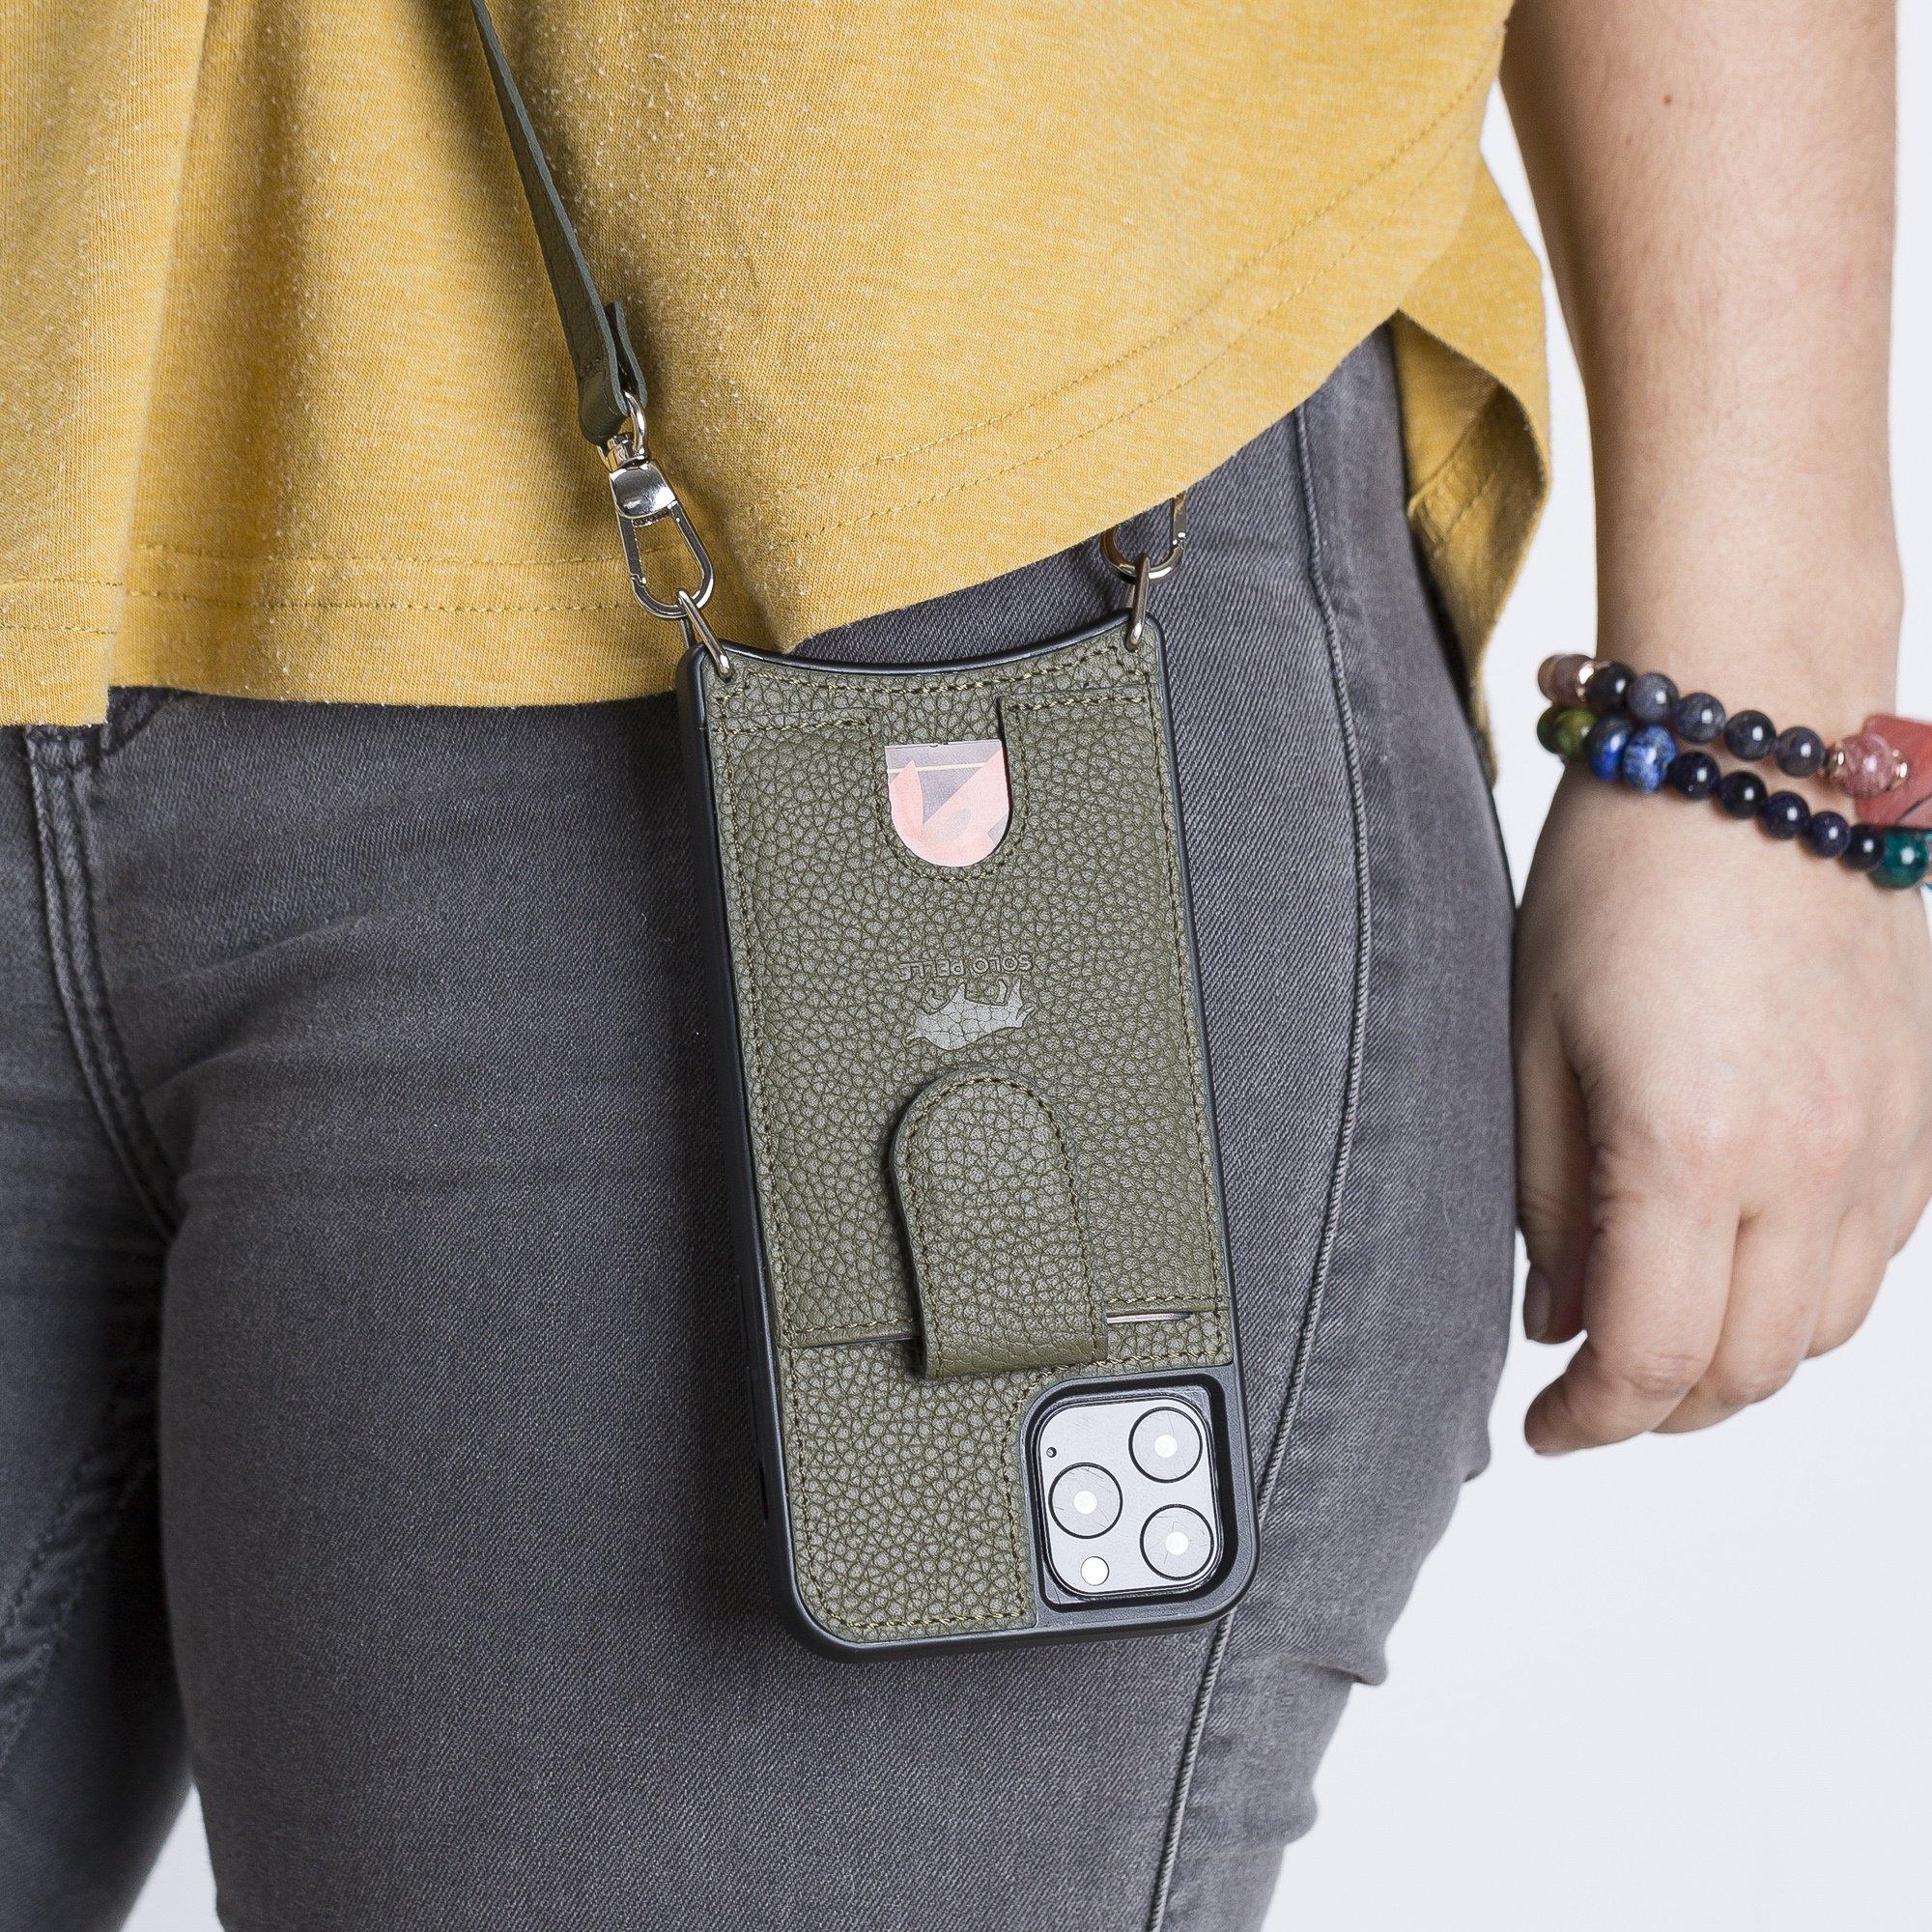 """Lederhülle """"Necklace"""" für das iPhone 11 Pro in 5.8 Zoll in Nachtgrün (inkl.Umhängeriemen)"""